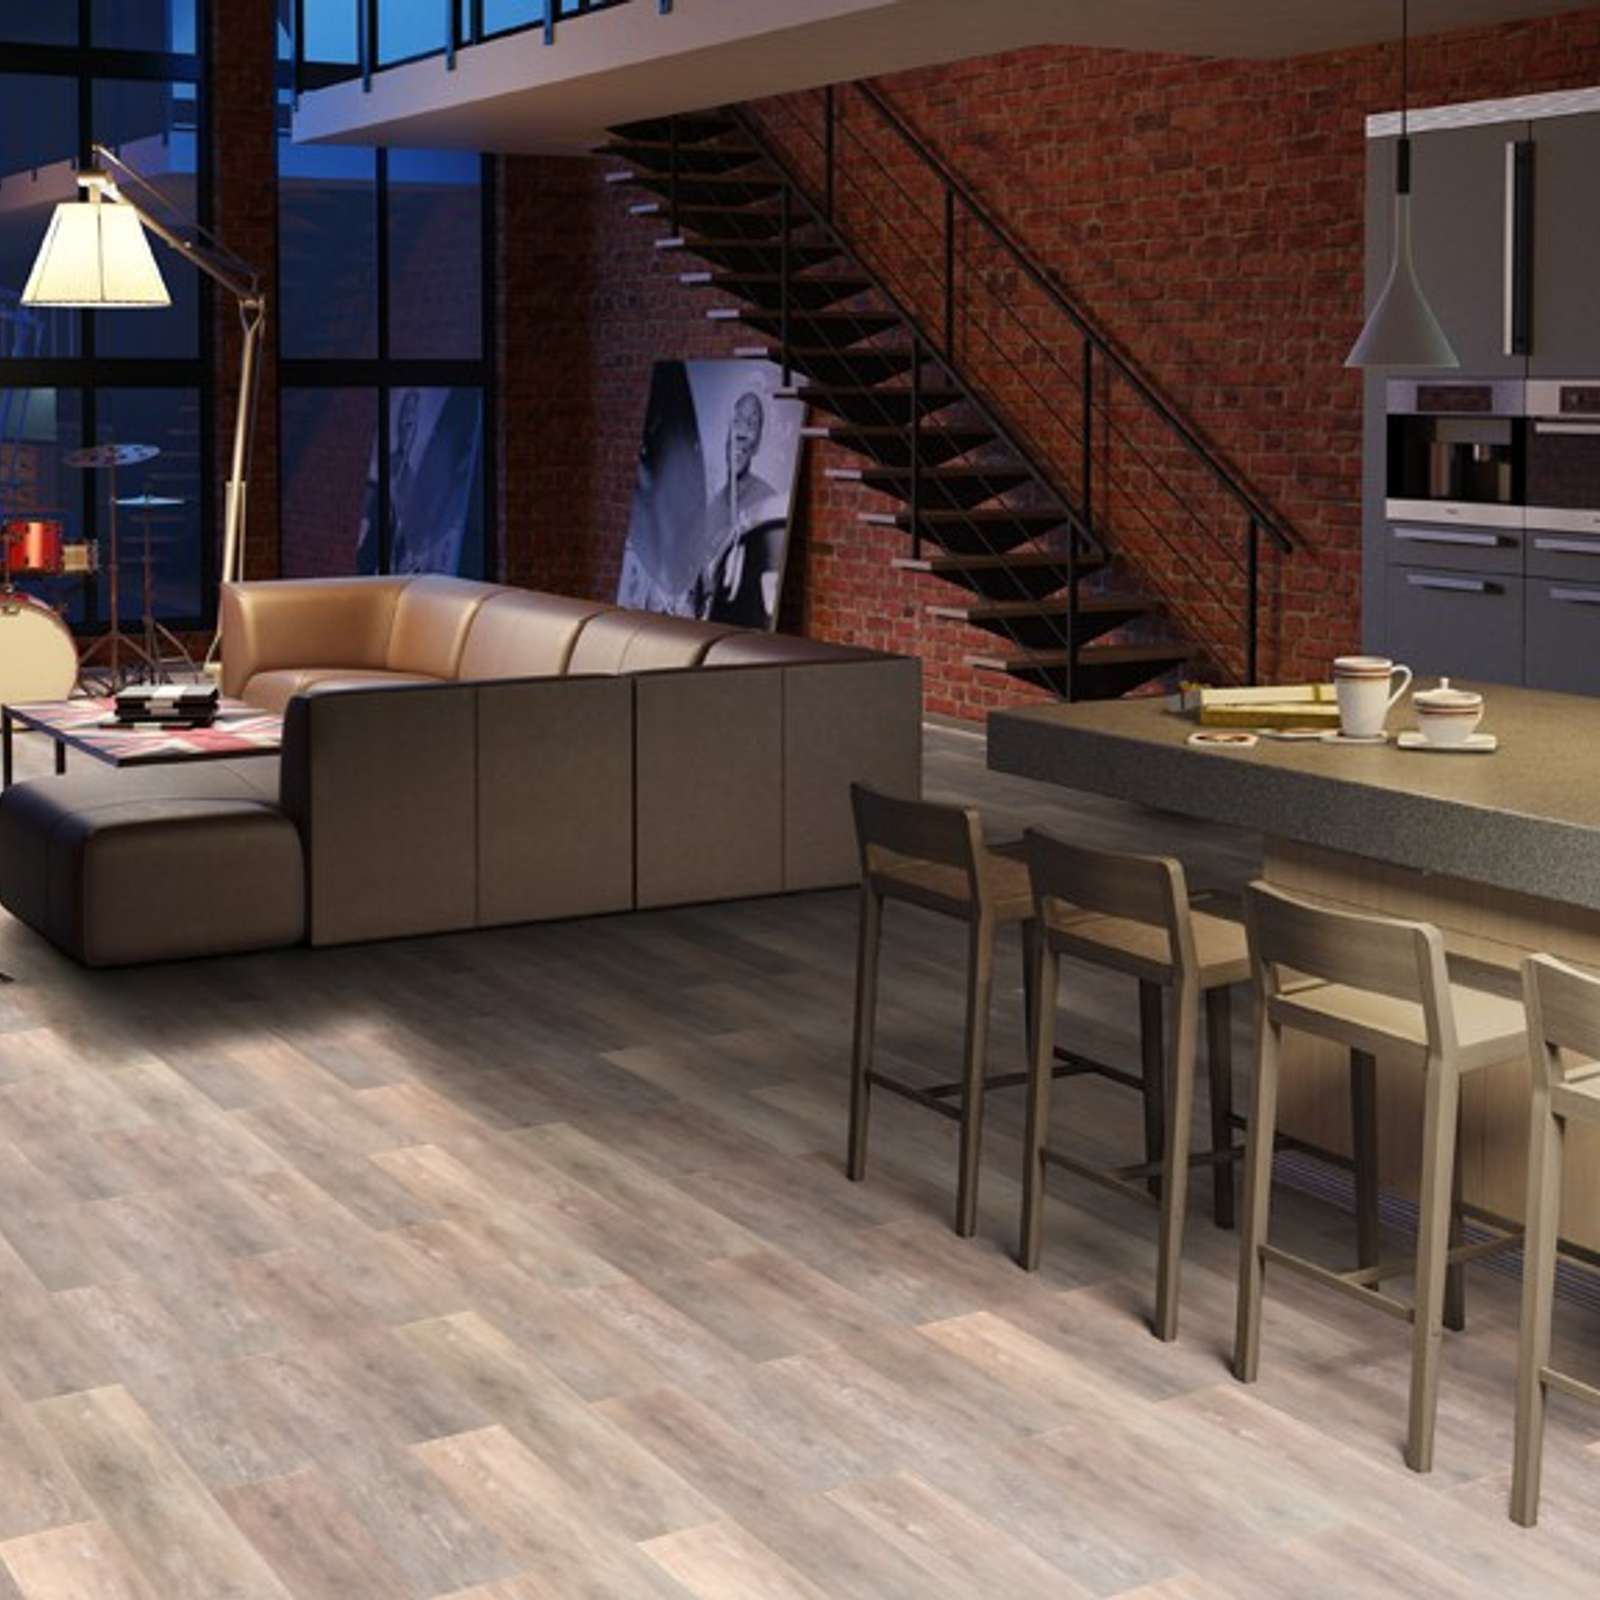 Плитка ПВХ Tarkett Art Vinil New Age Ambient 101х914x2мм (2,41м2/26шт/уп) 277006013